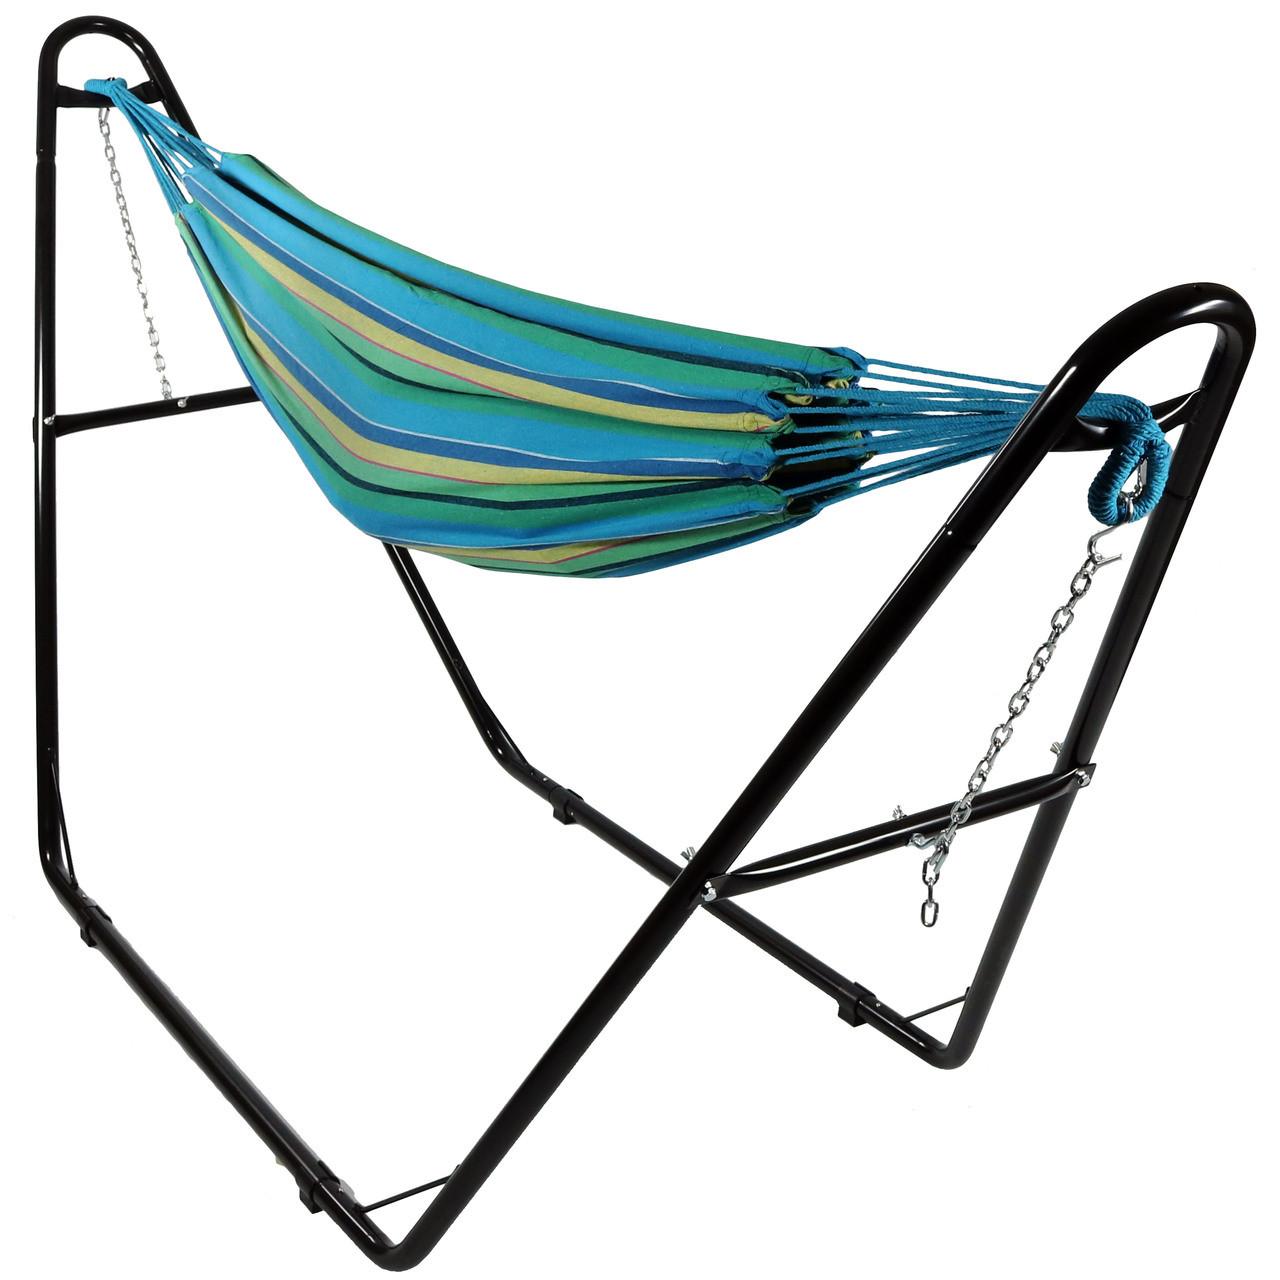 premium garden in double bronze stand hammock ft smart belize stands metal bz p